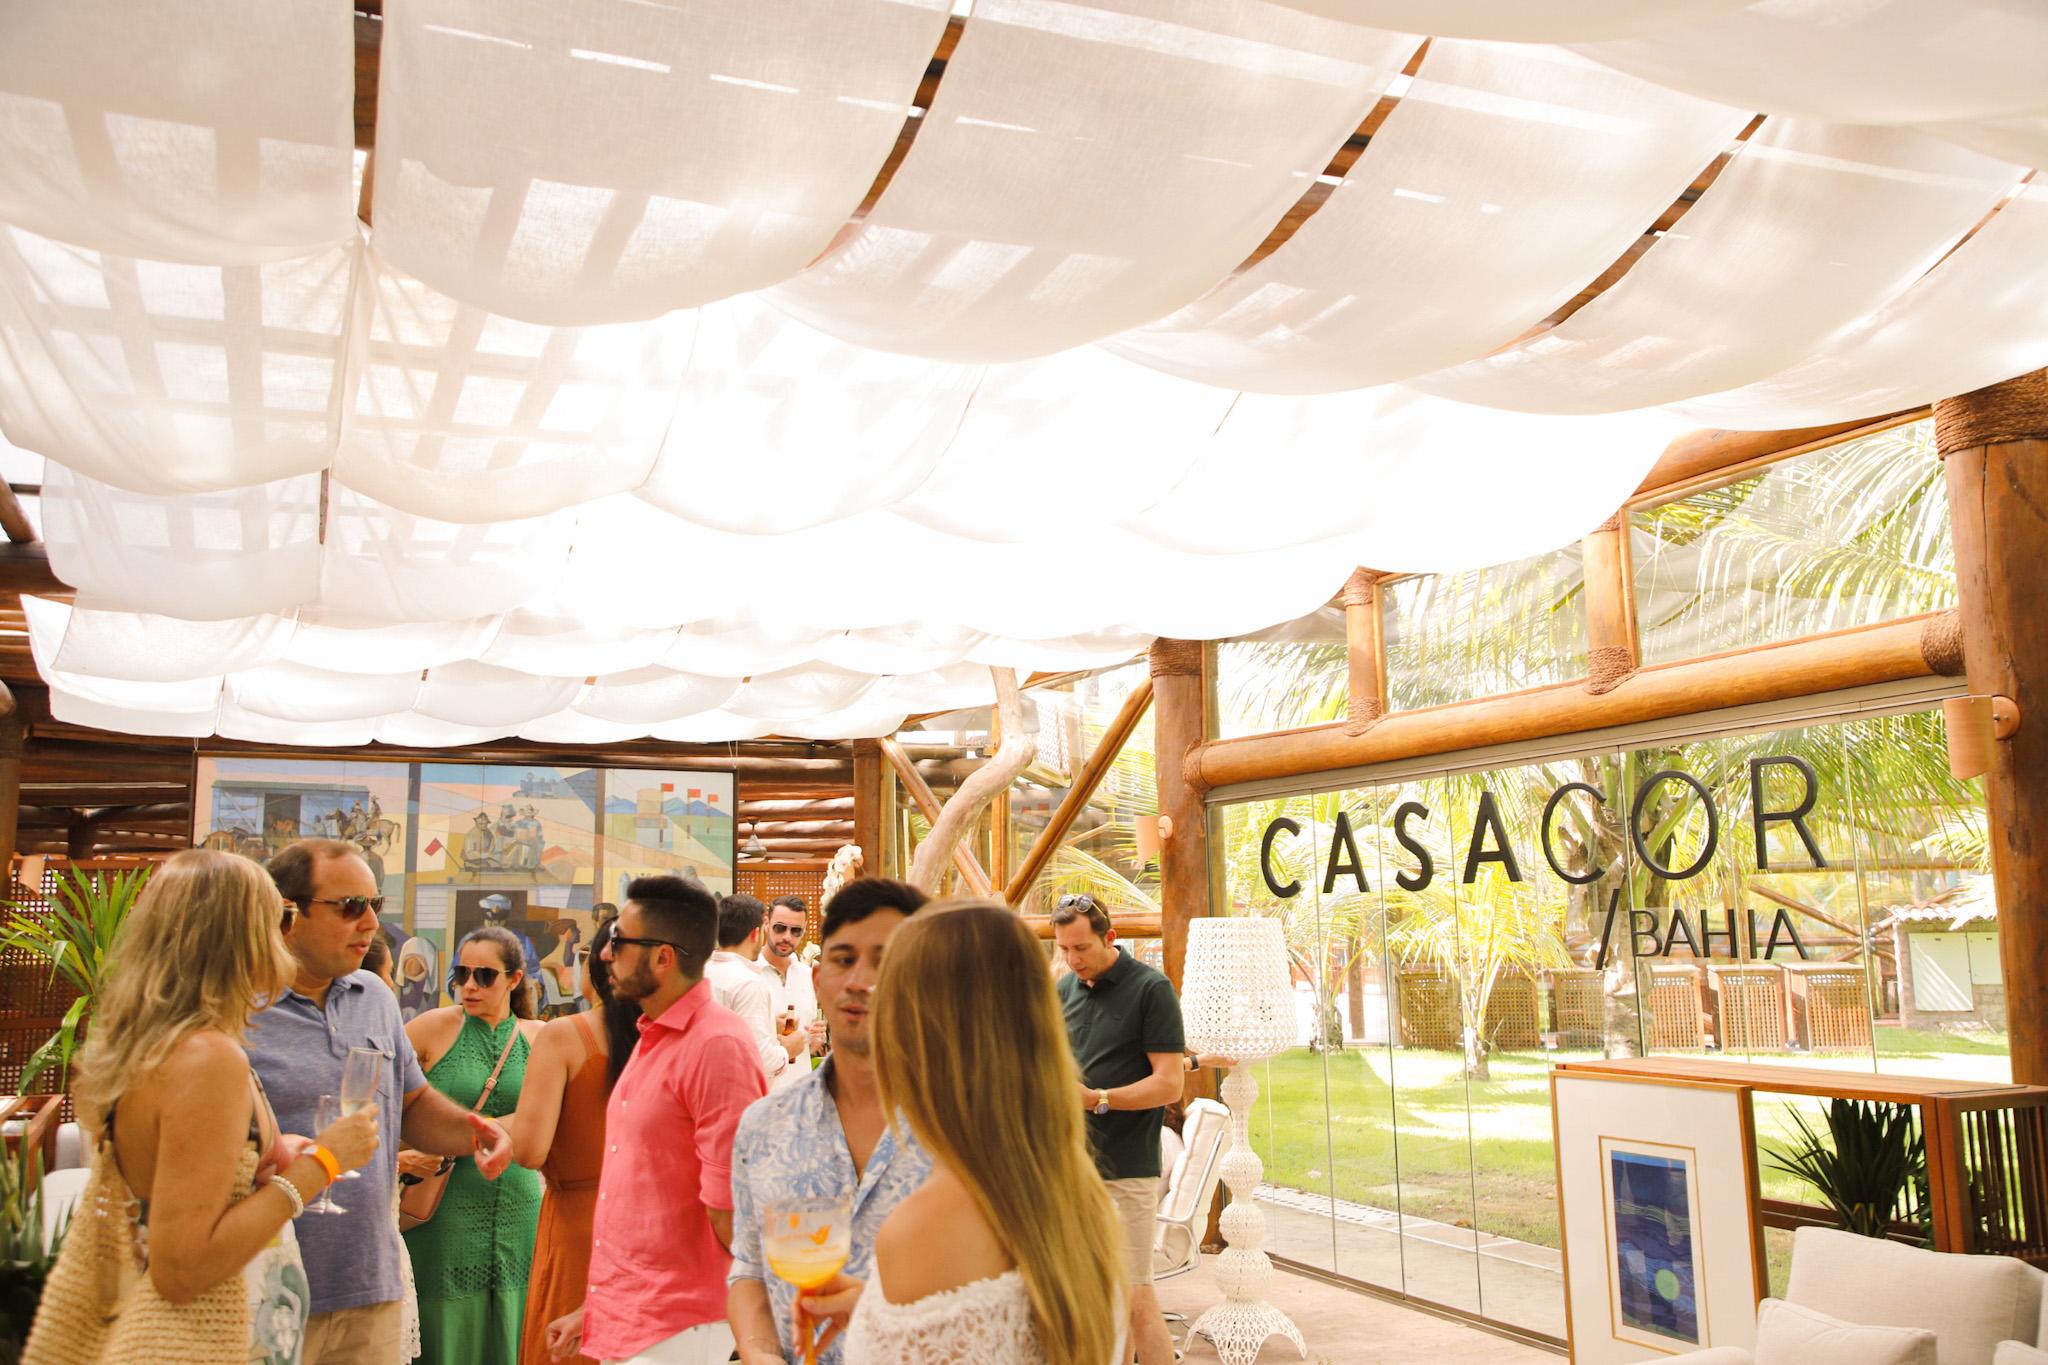 CasaCor Verão Bahia